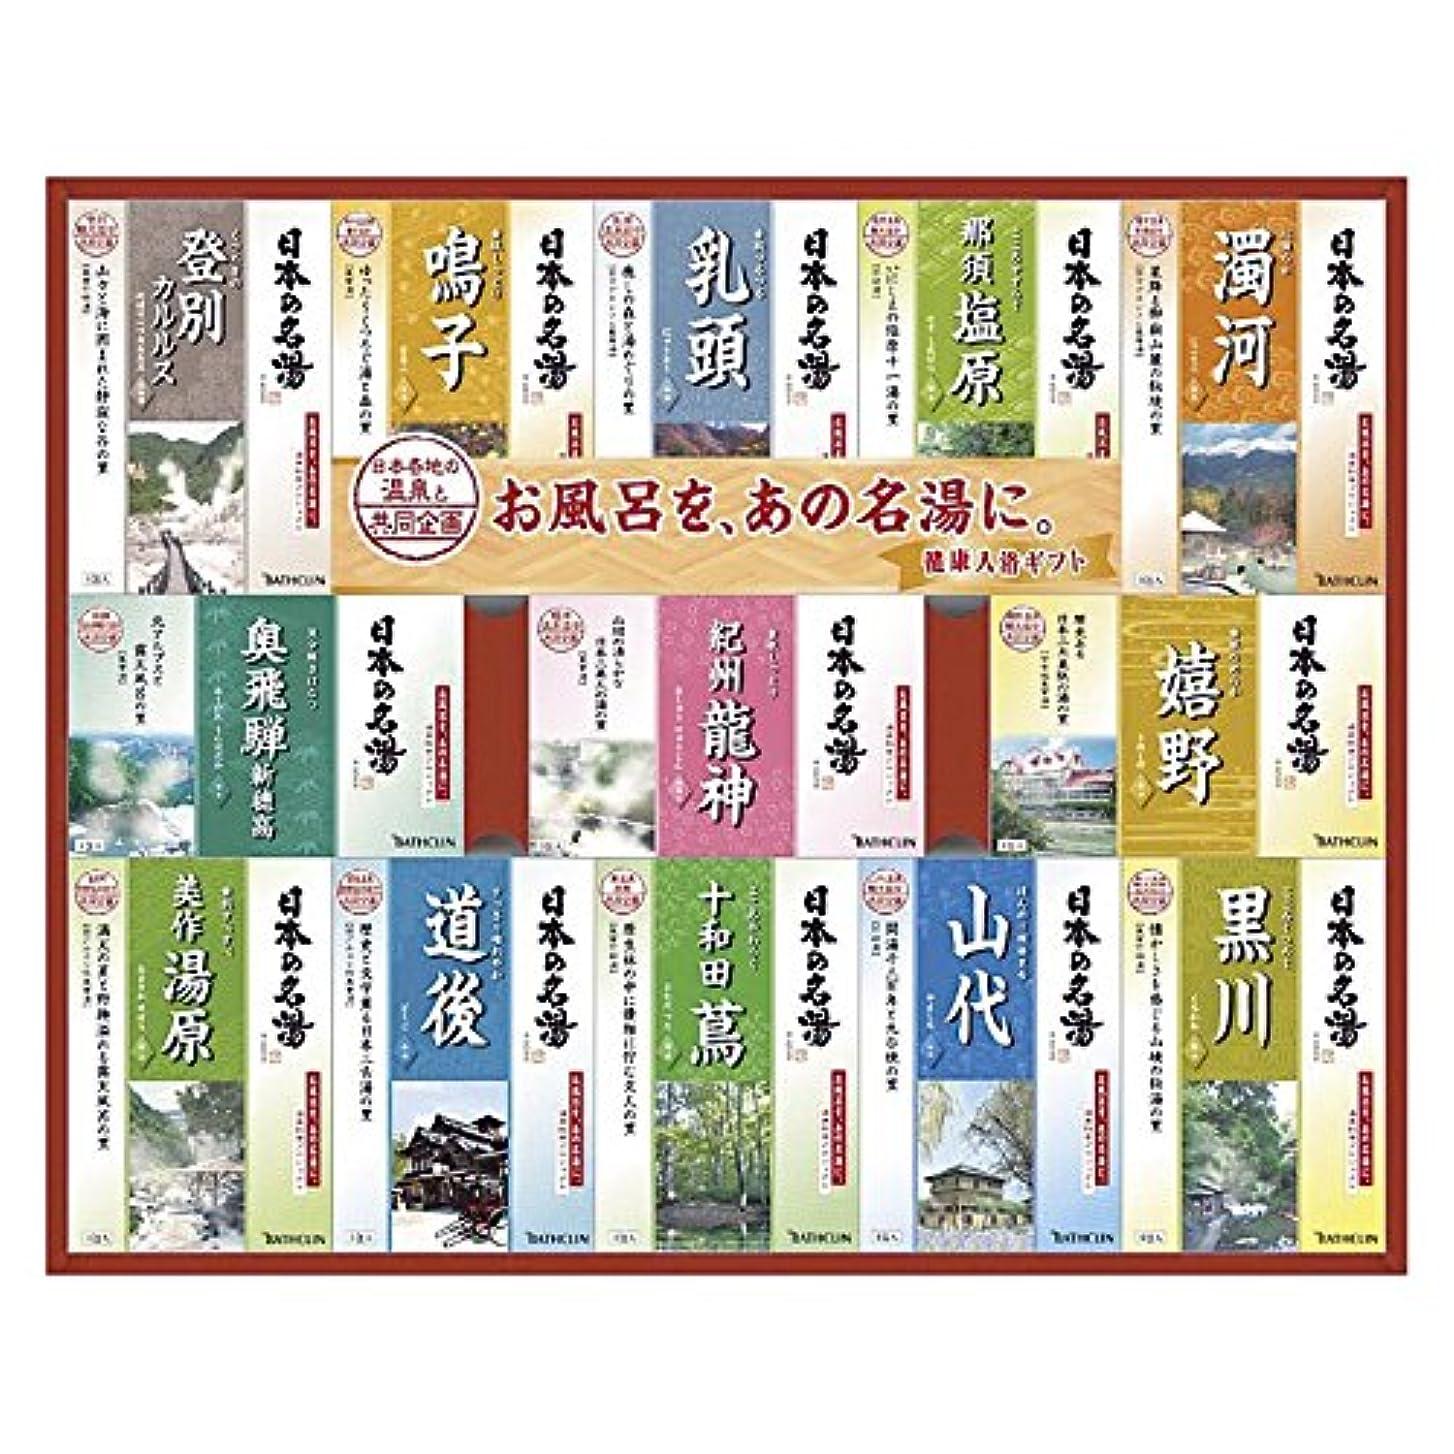 実装するアンプ急いでバスクリン 日本の名湯 ギフトセット NMG-50F 【個包装 セット 詰め合わせ 疲労回復 ご褒美 贅沢 プチギフト 温まる 温泉 粉 ご当地 まとめ買い 名湯 リラックス 美肌 つめあわせ やさしい やすらぎ】